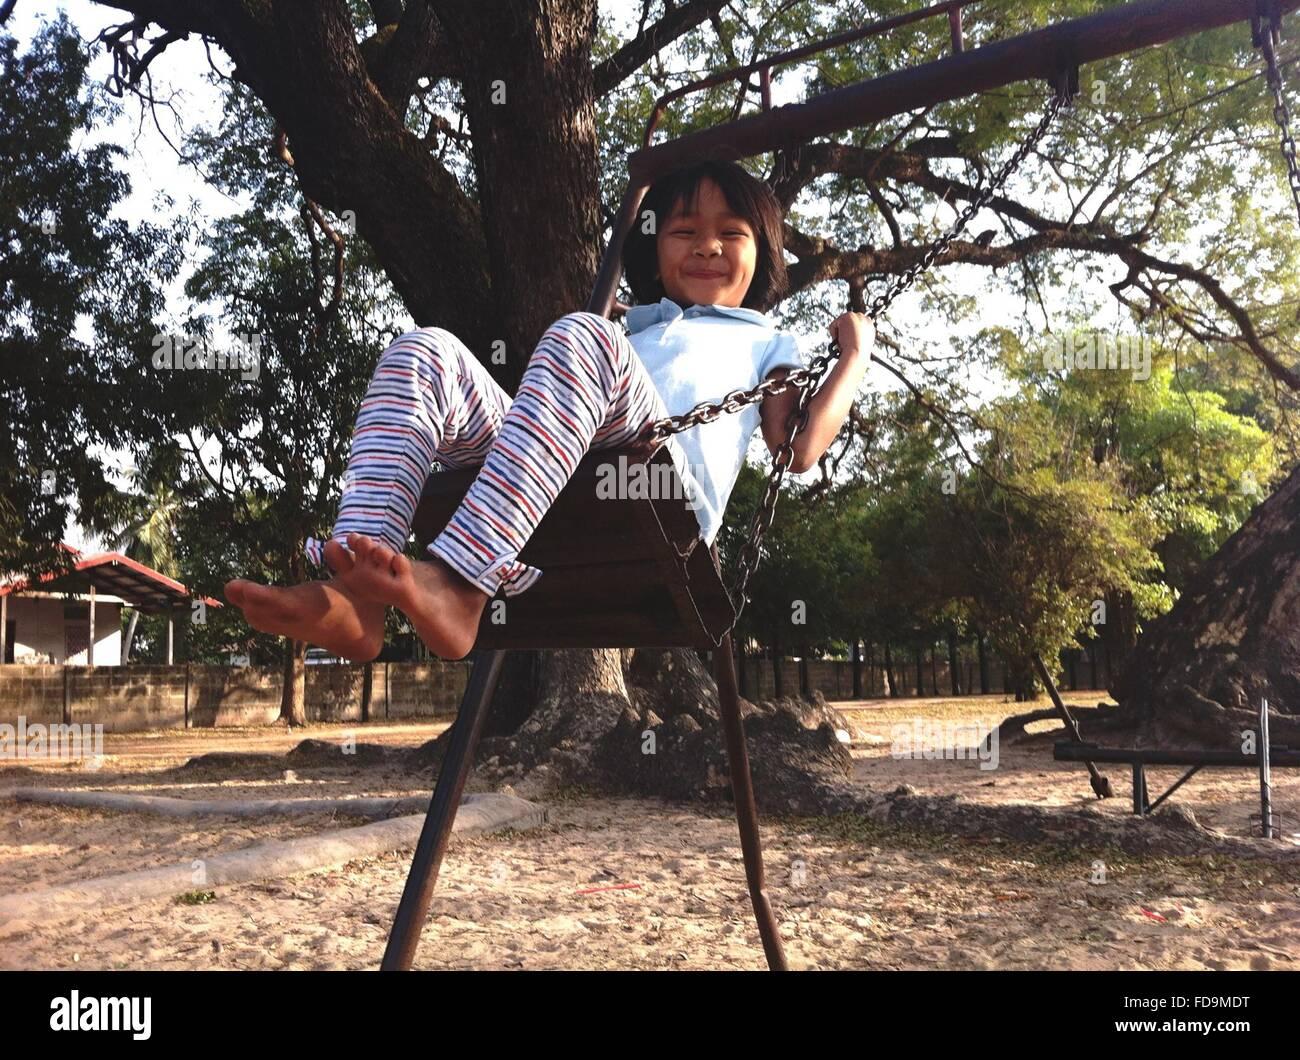 Fille se balançant sur la chaîne en rotation et souriant Banque D'Images